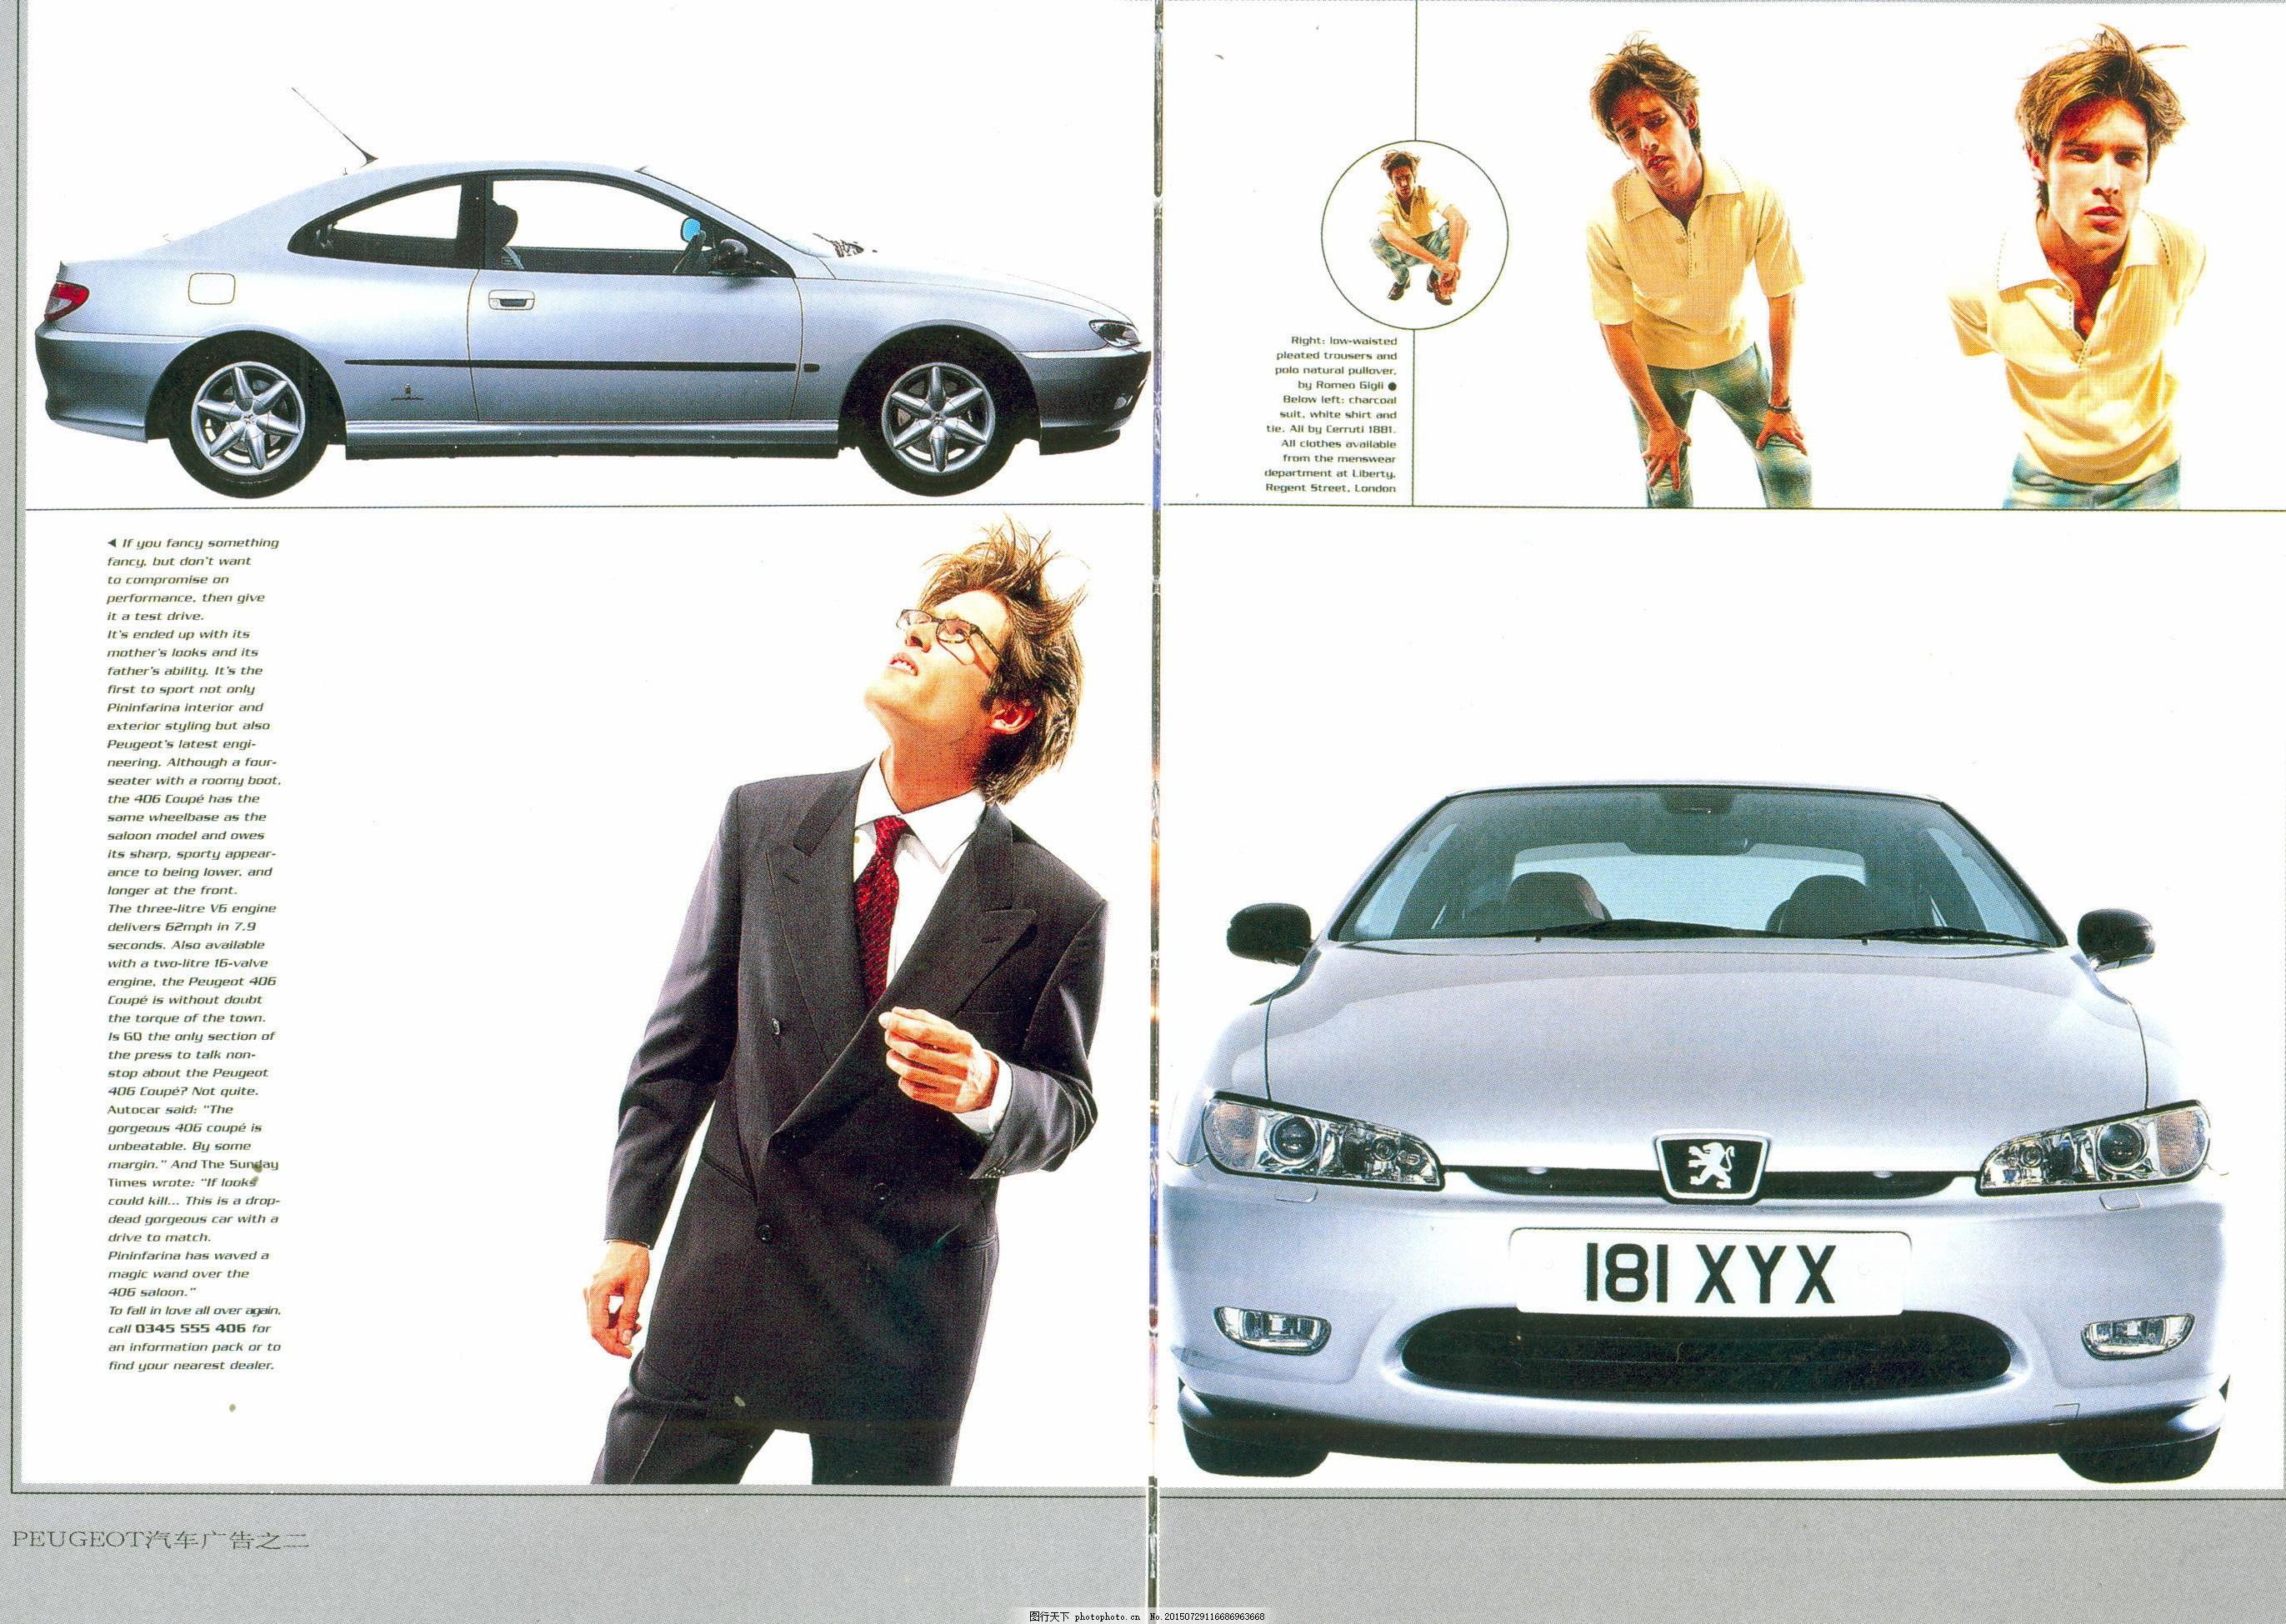 汽车摩托车广告_0059 设计素材 平面创意 平面设计 白色图片